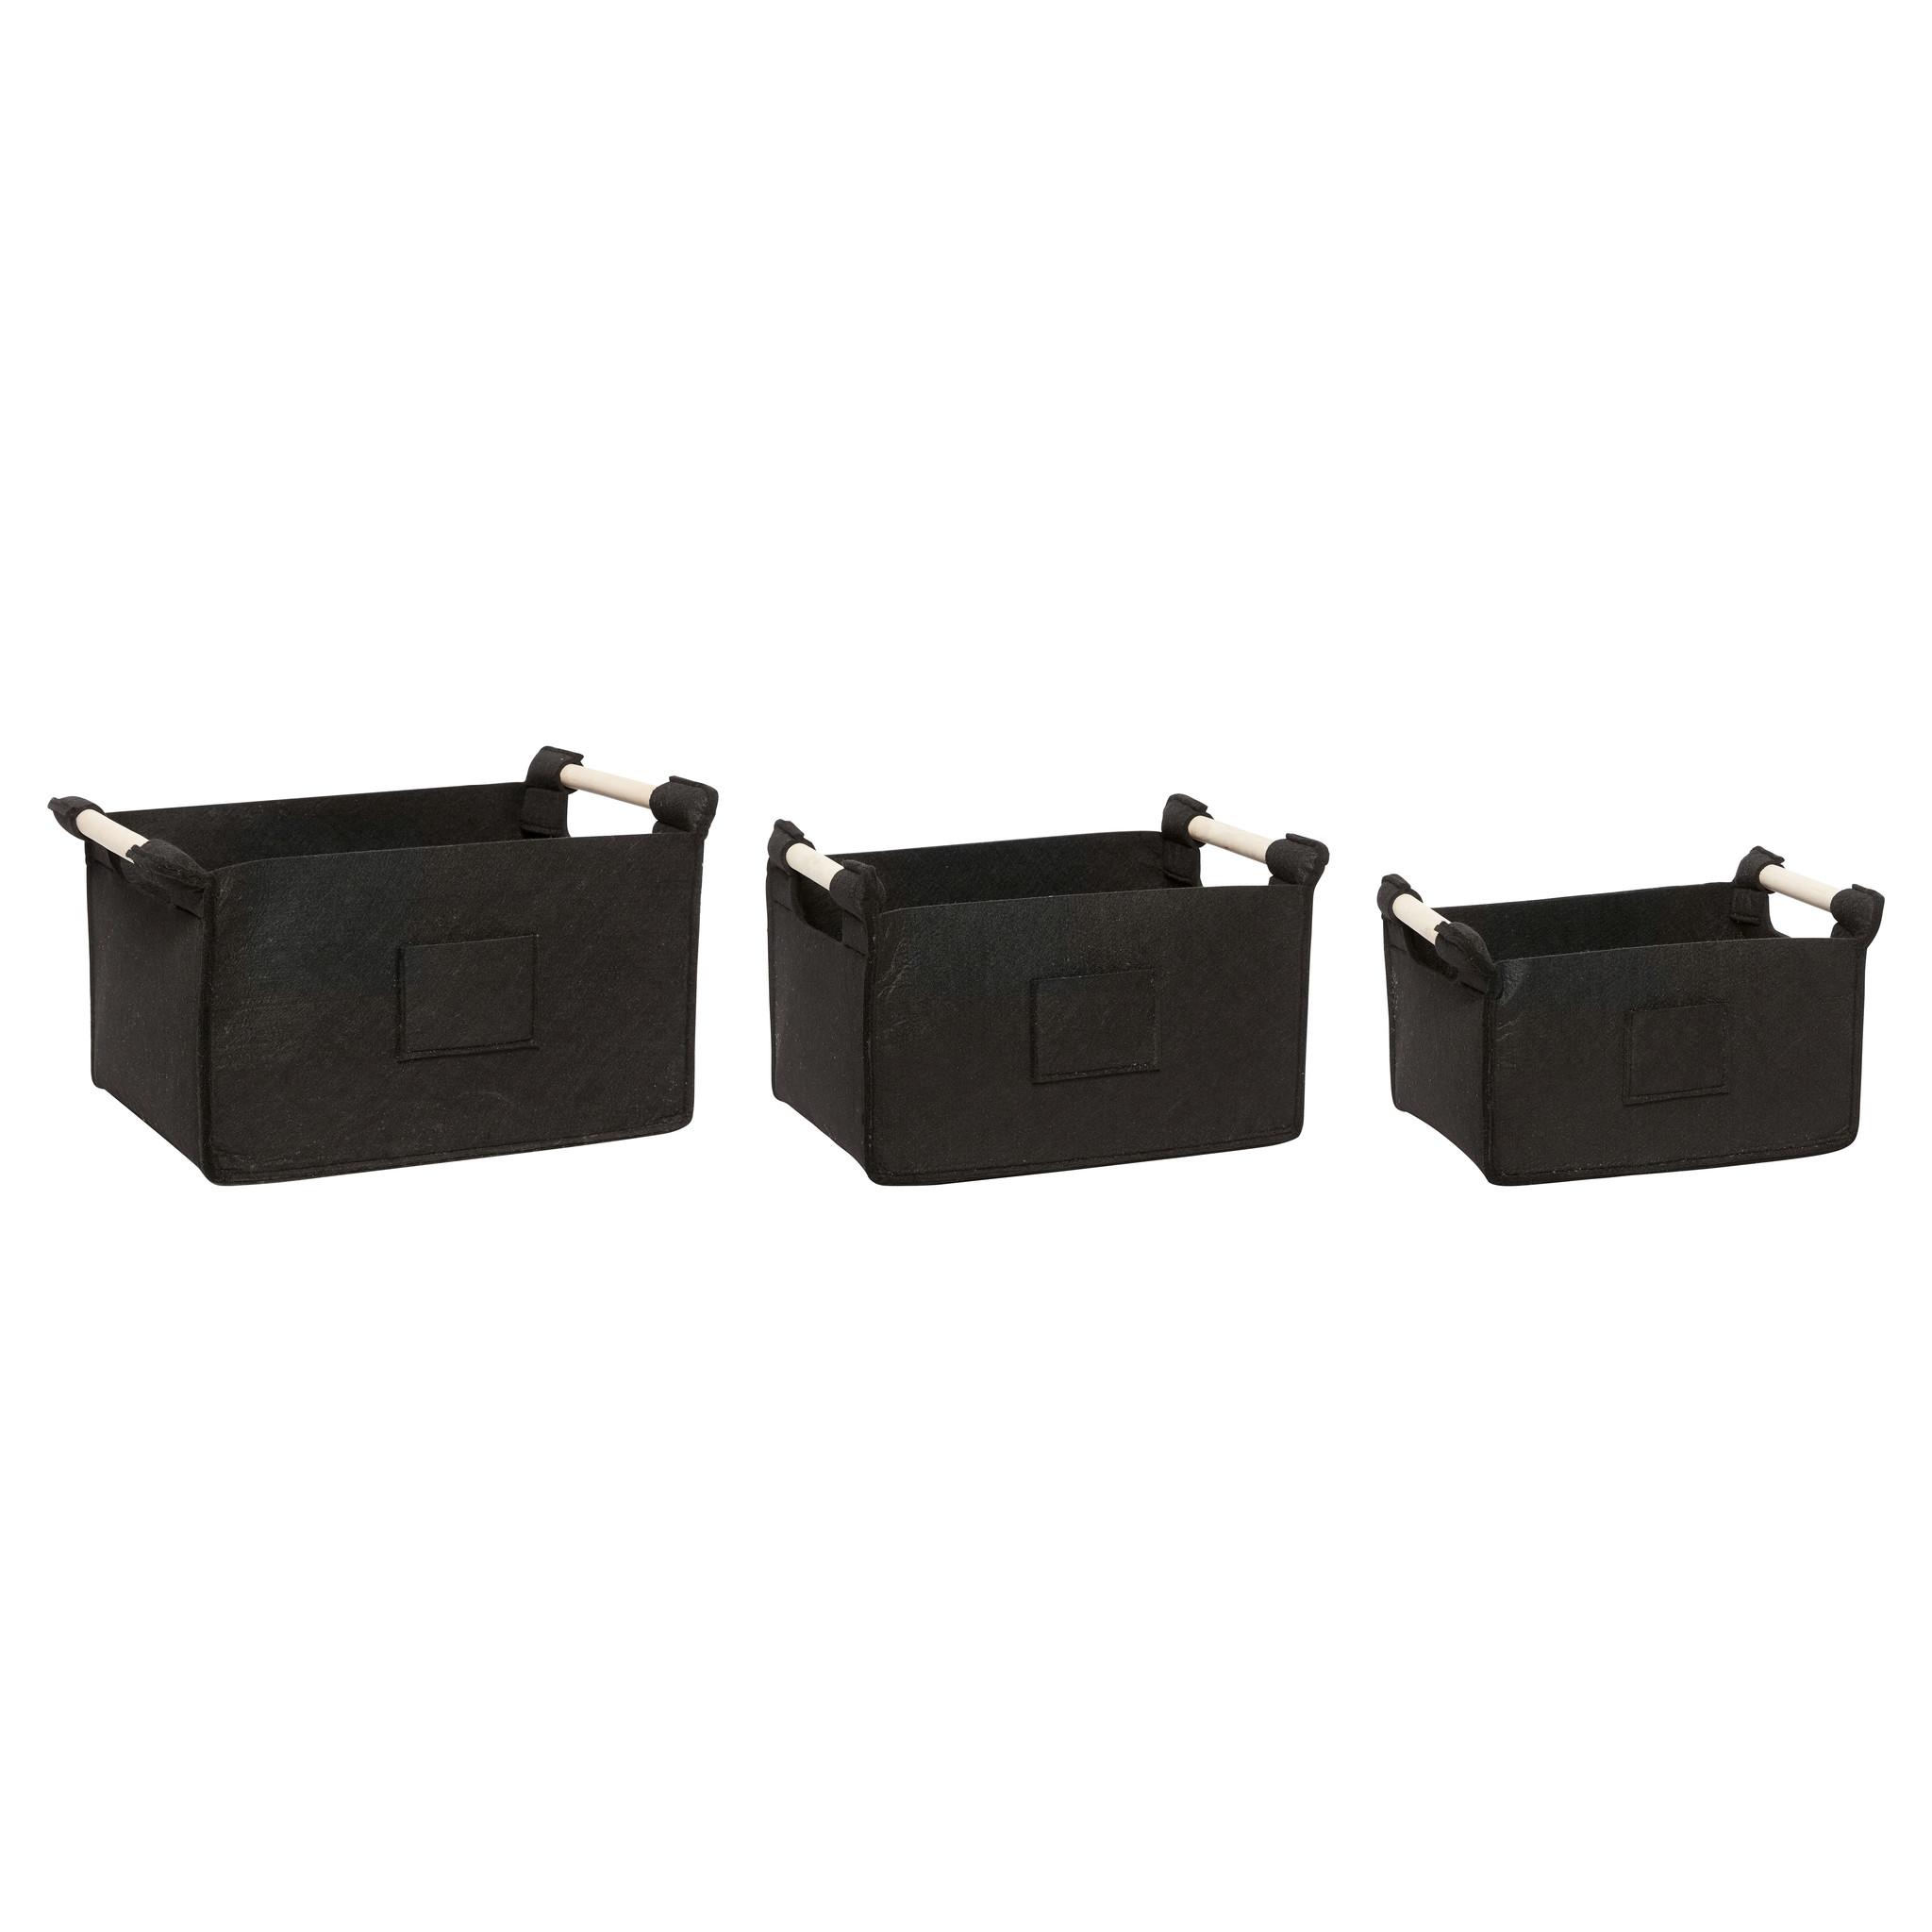 Hubsch Viltmand met houten handvat, zwart, set van 3